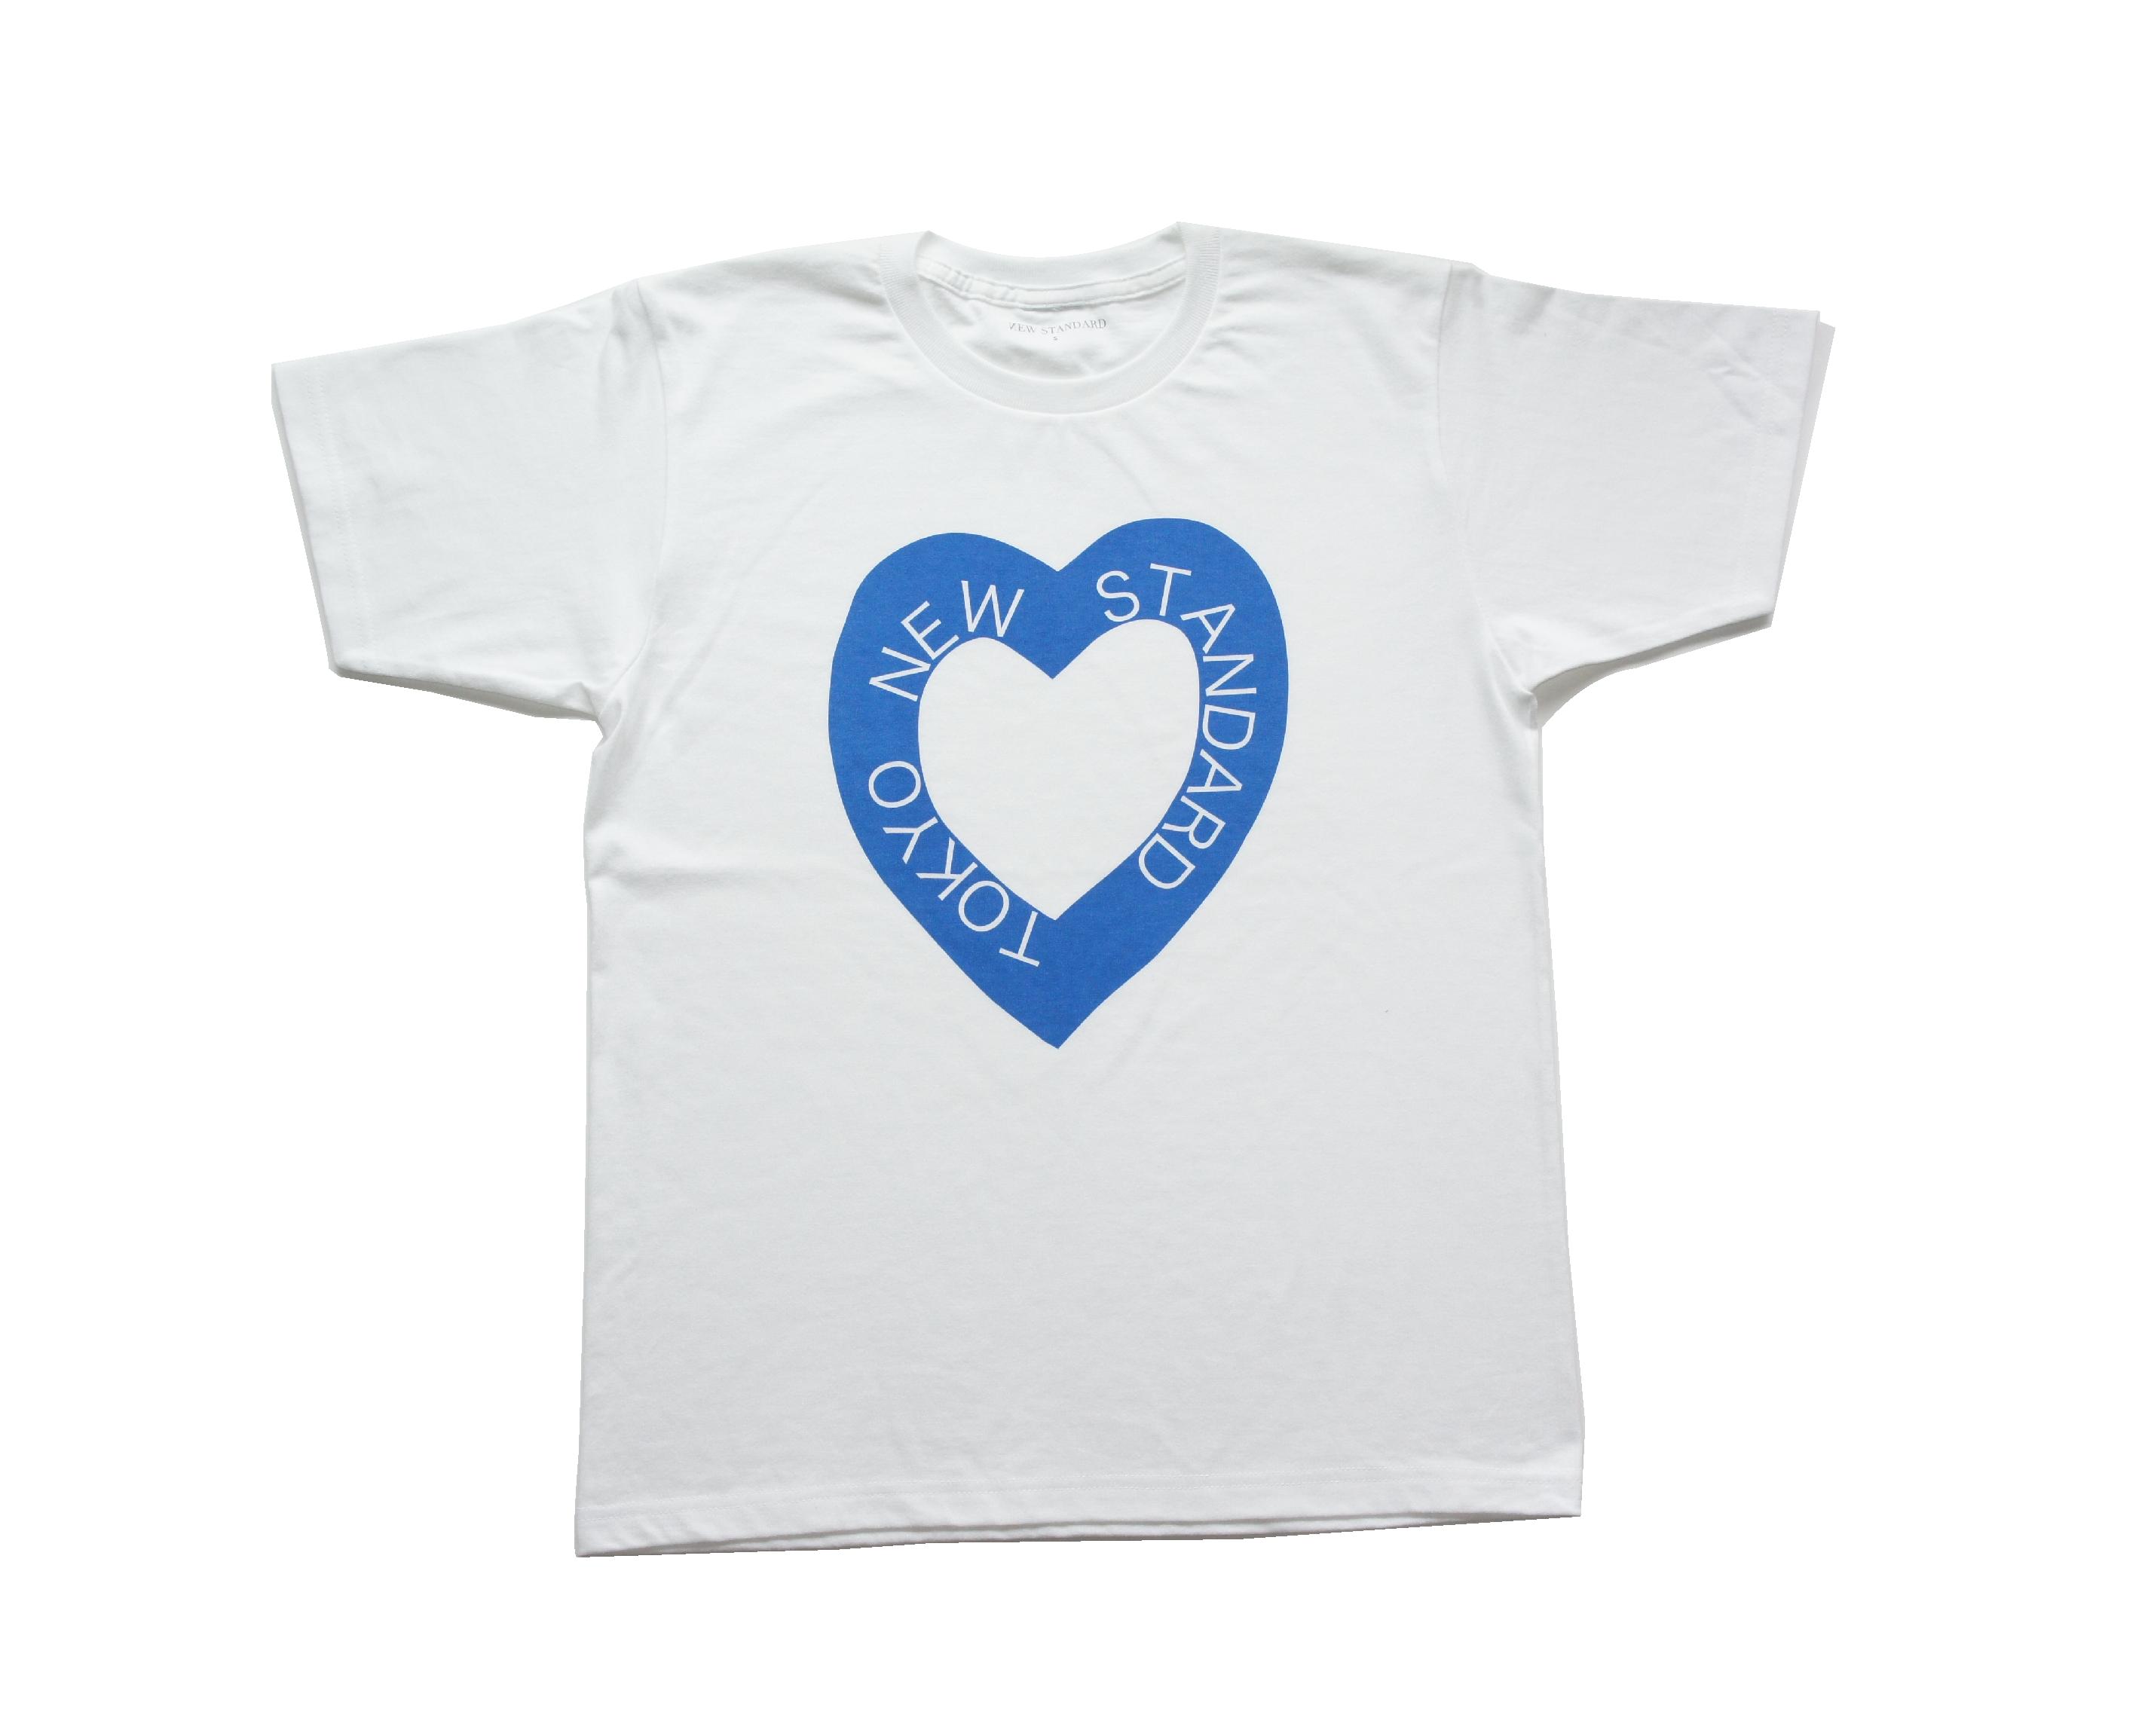 S/S ハートロゴTシャツ(ブルー)